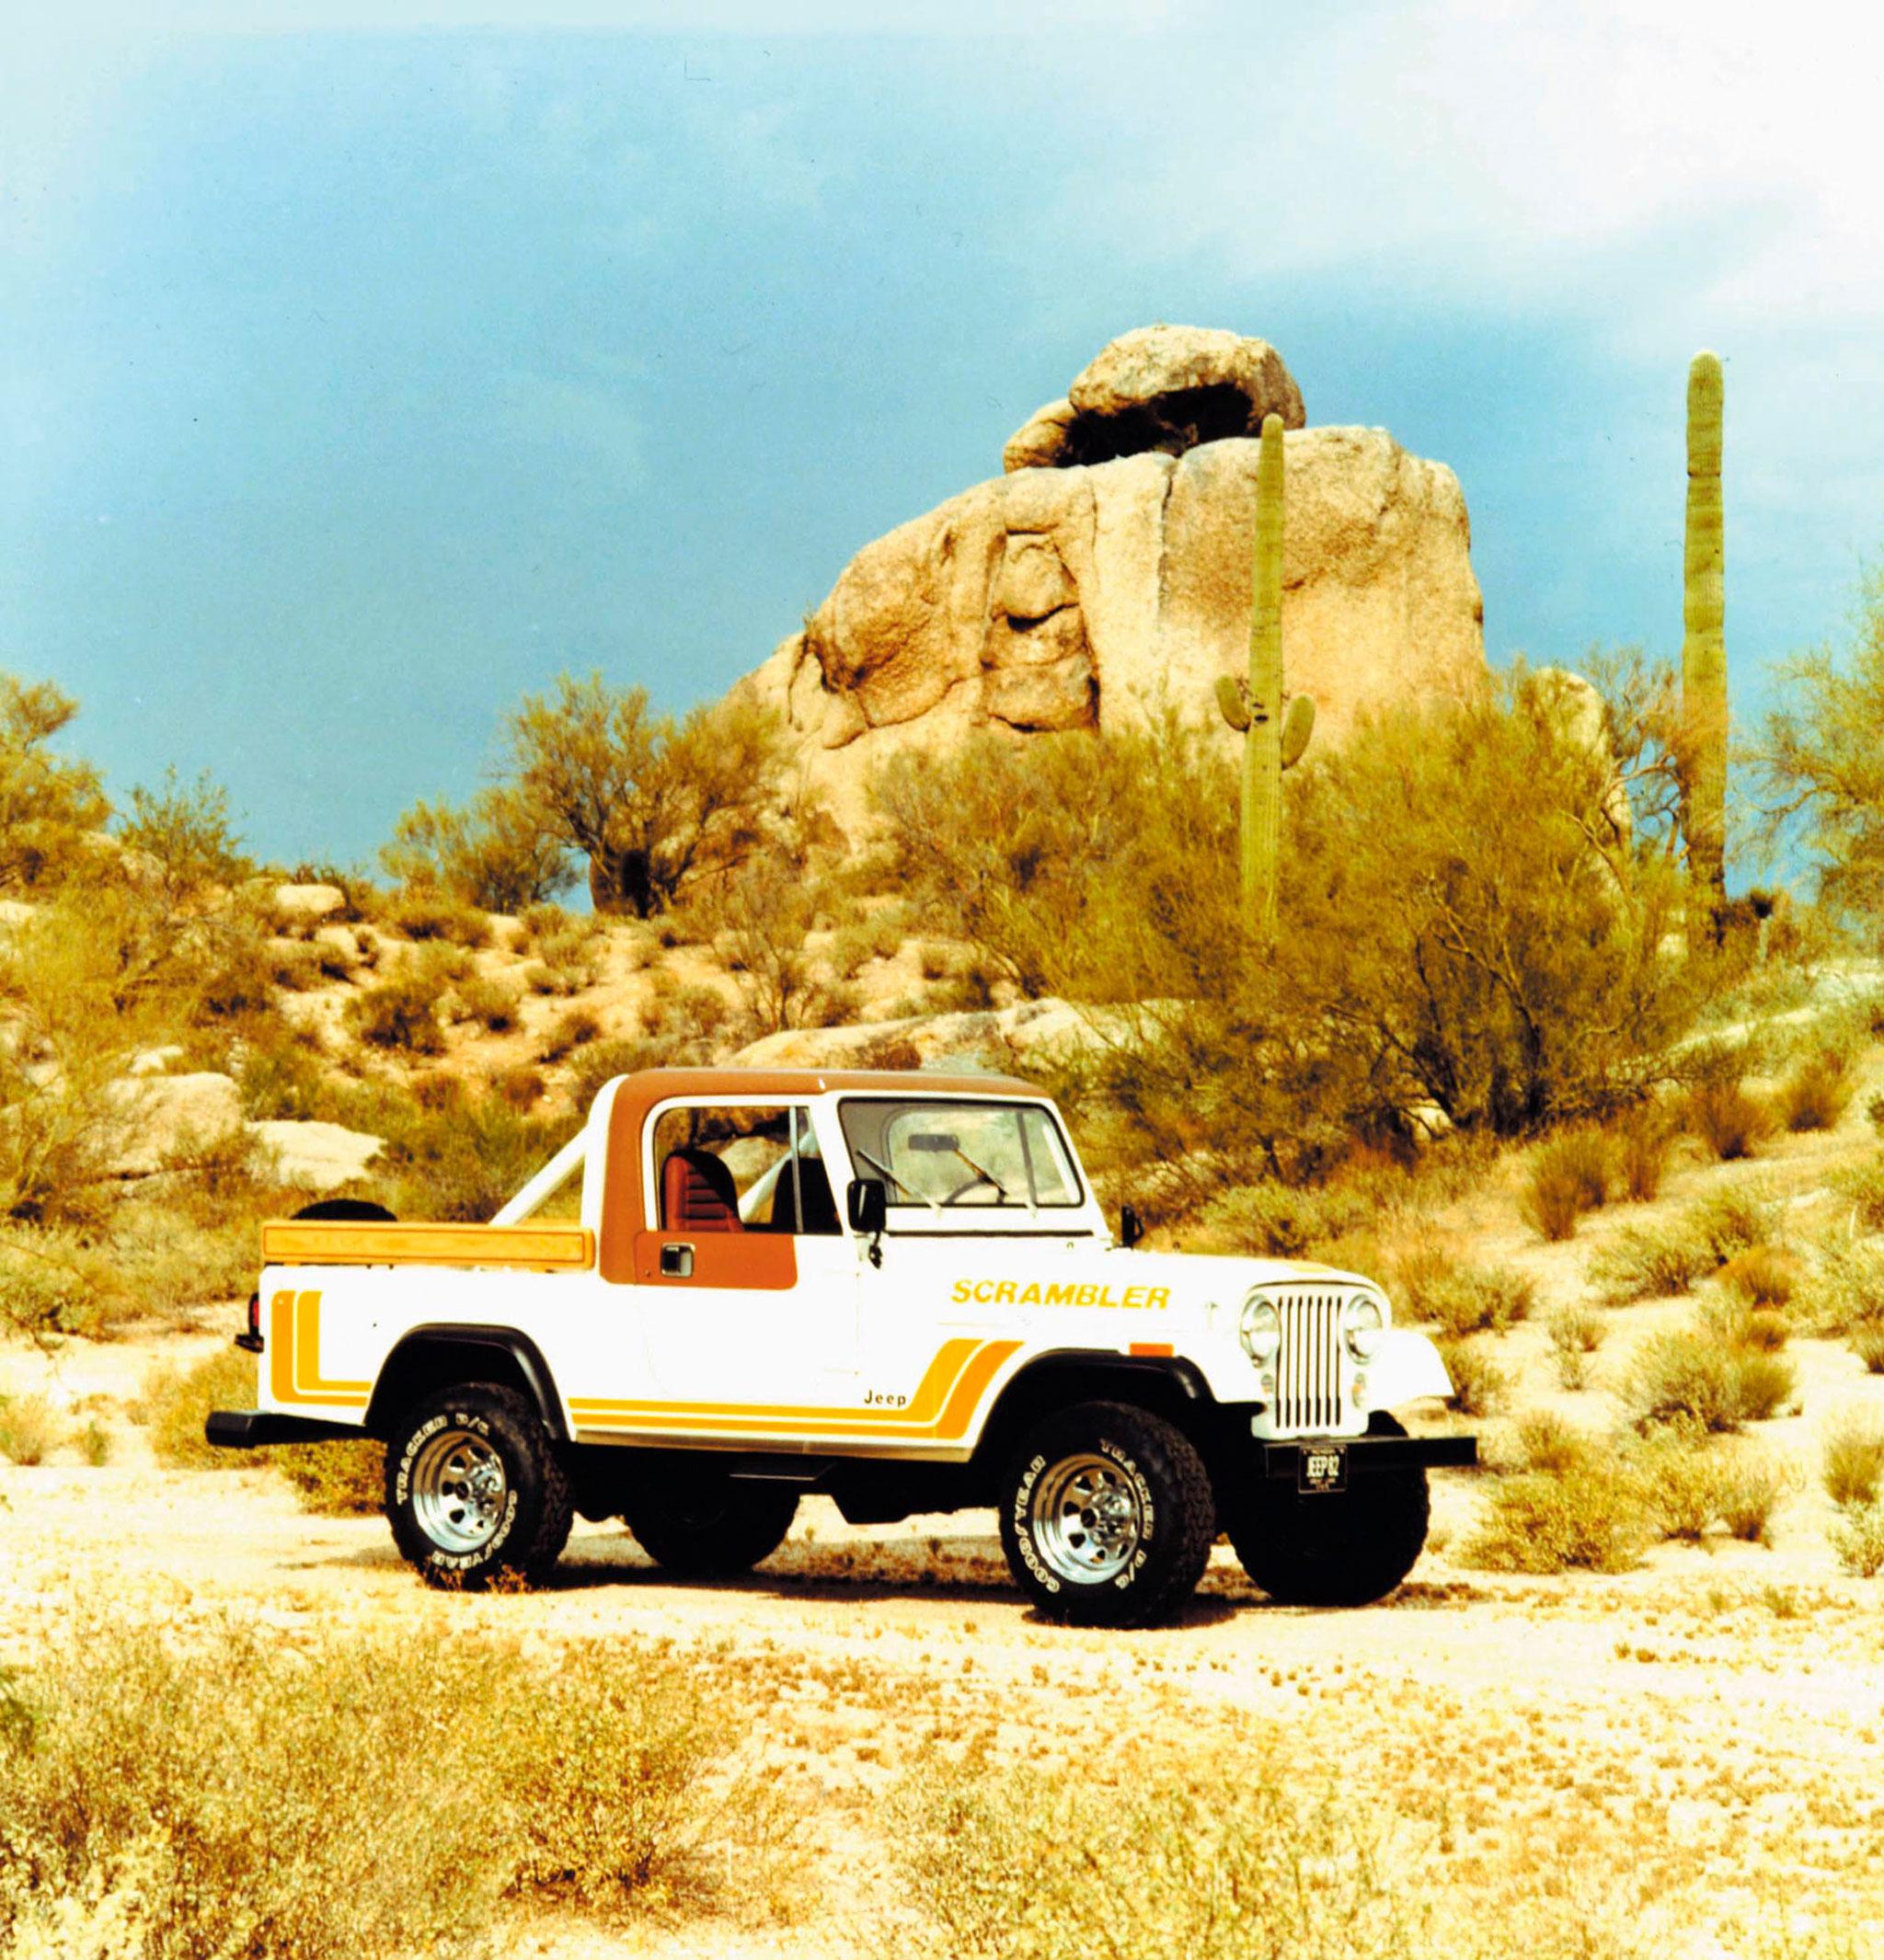 1982 Jeep Scrambler CJ-8 une des combinaisons de couleurs la plus courante.